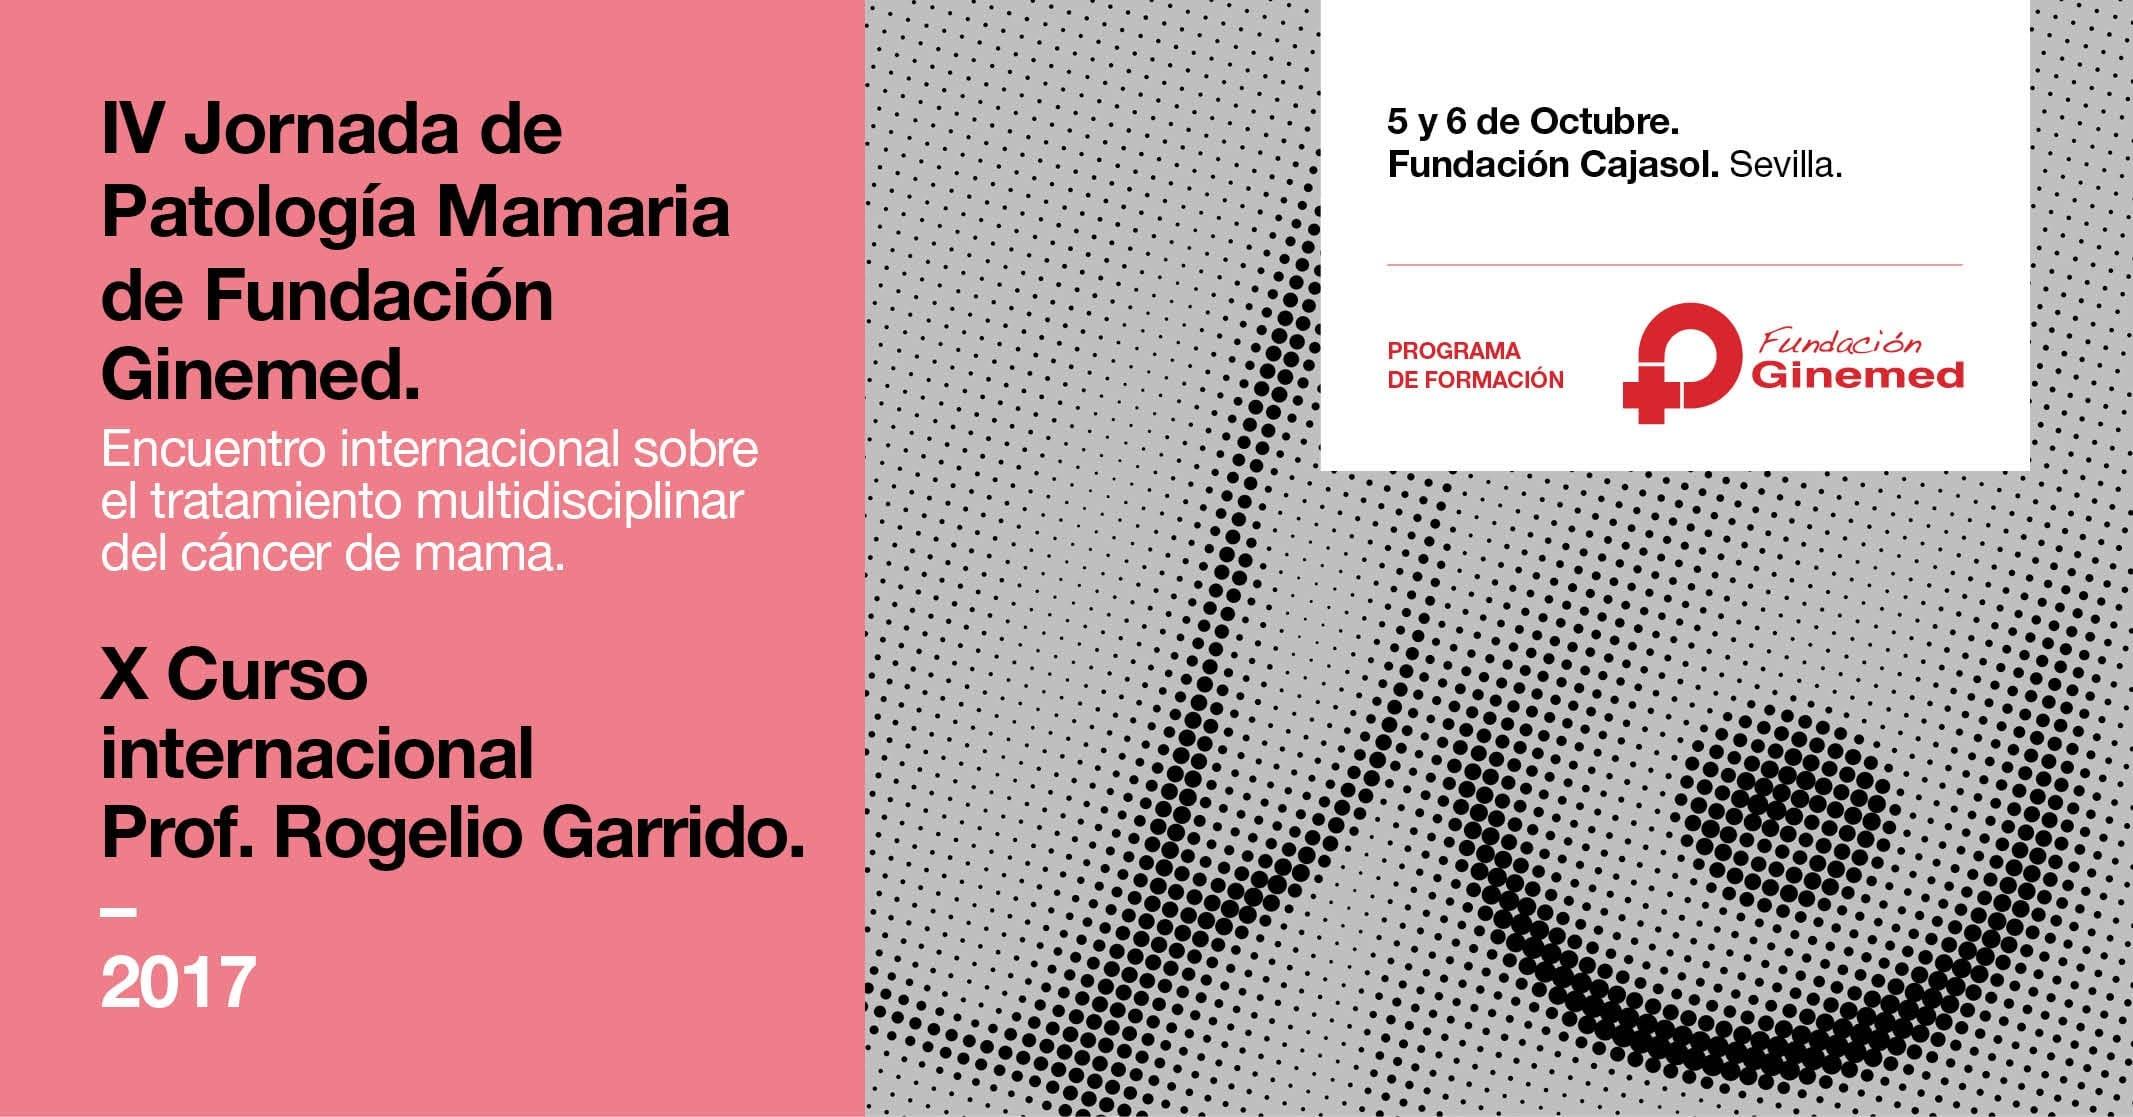 Cartel IV Jornada de patología mamaria de fundación ginemed. Encuentro internacional sobre el tratamiento multidisciplinar del cáncer de mama